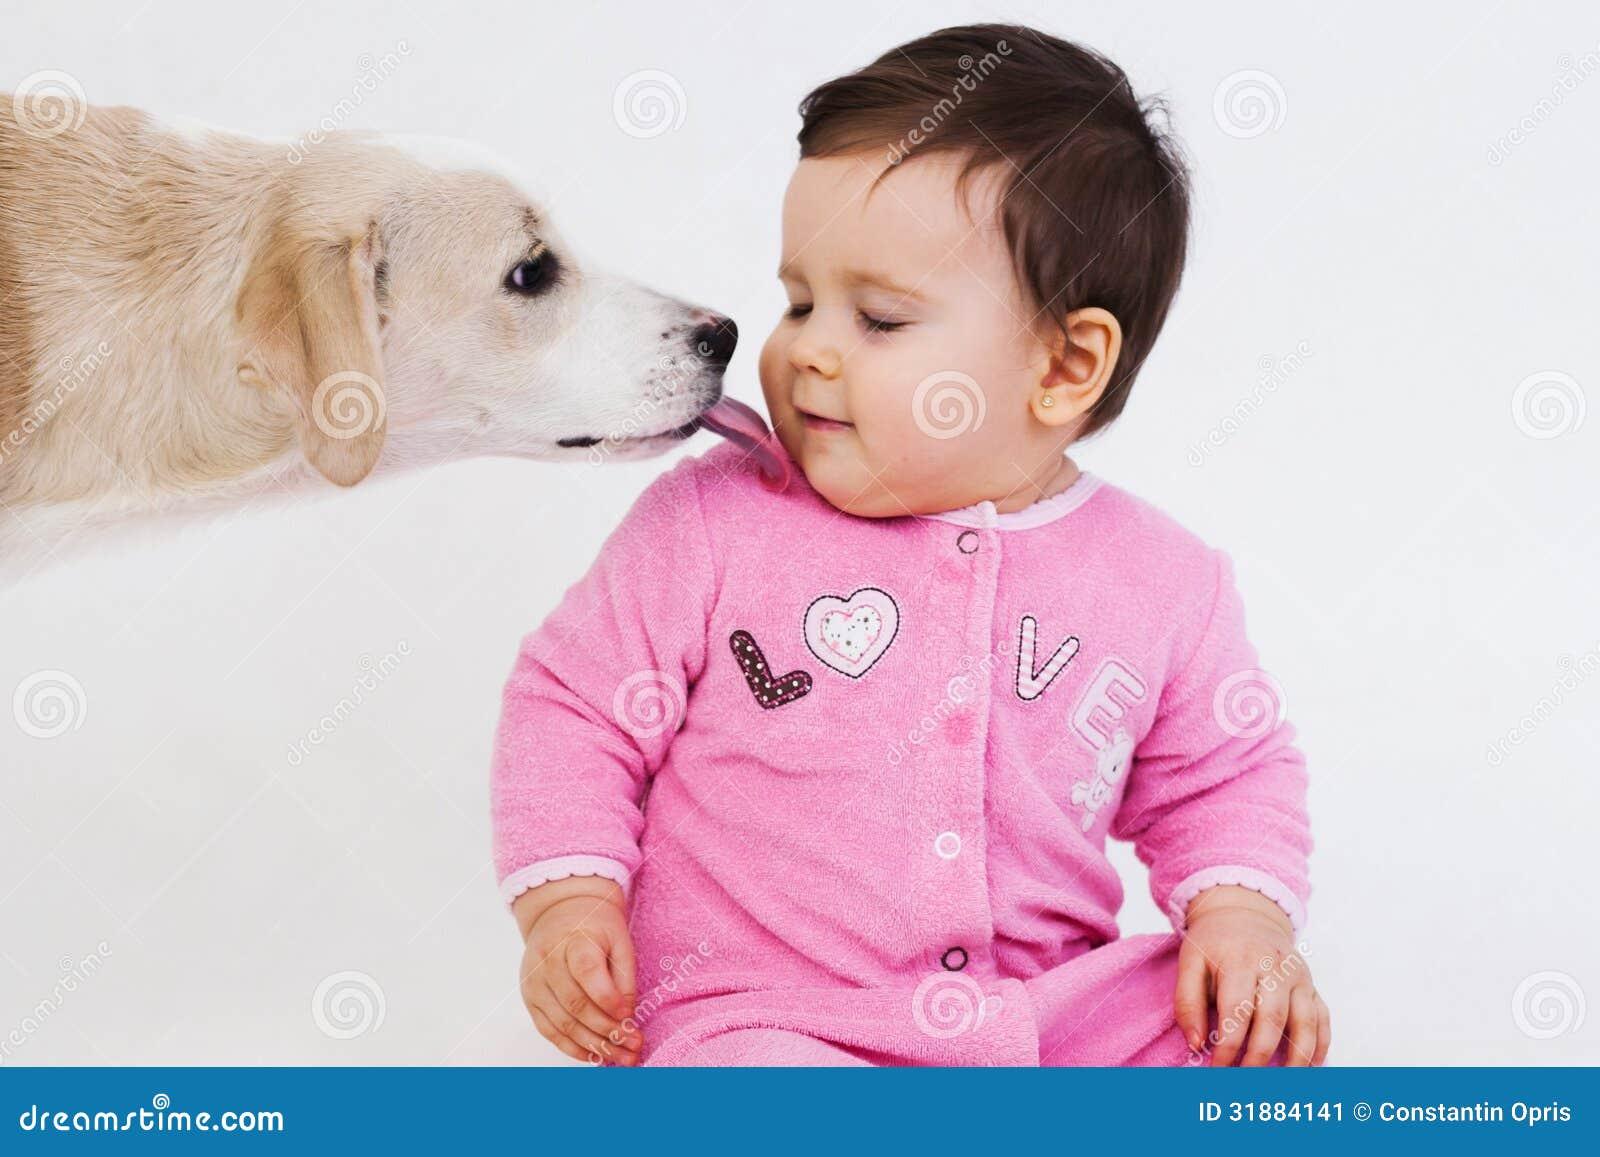 Dog Licking Baby Face Stock Image Image 31884141